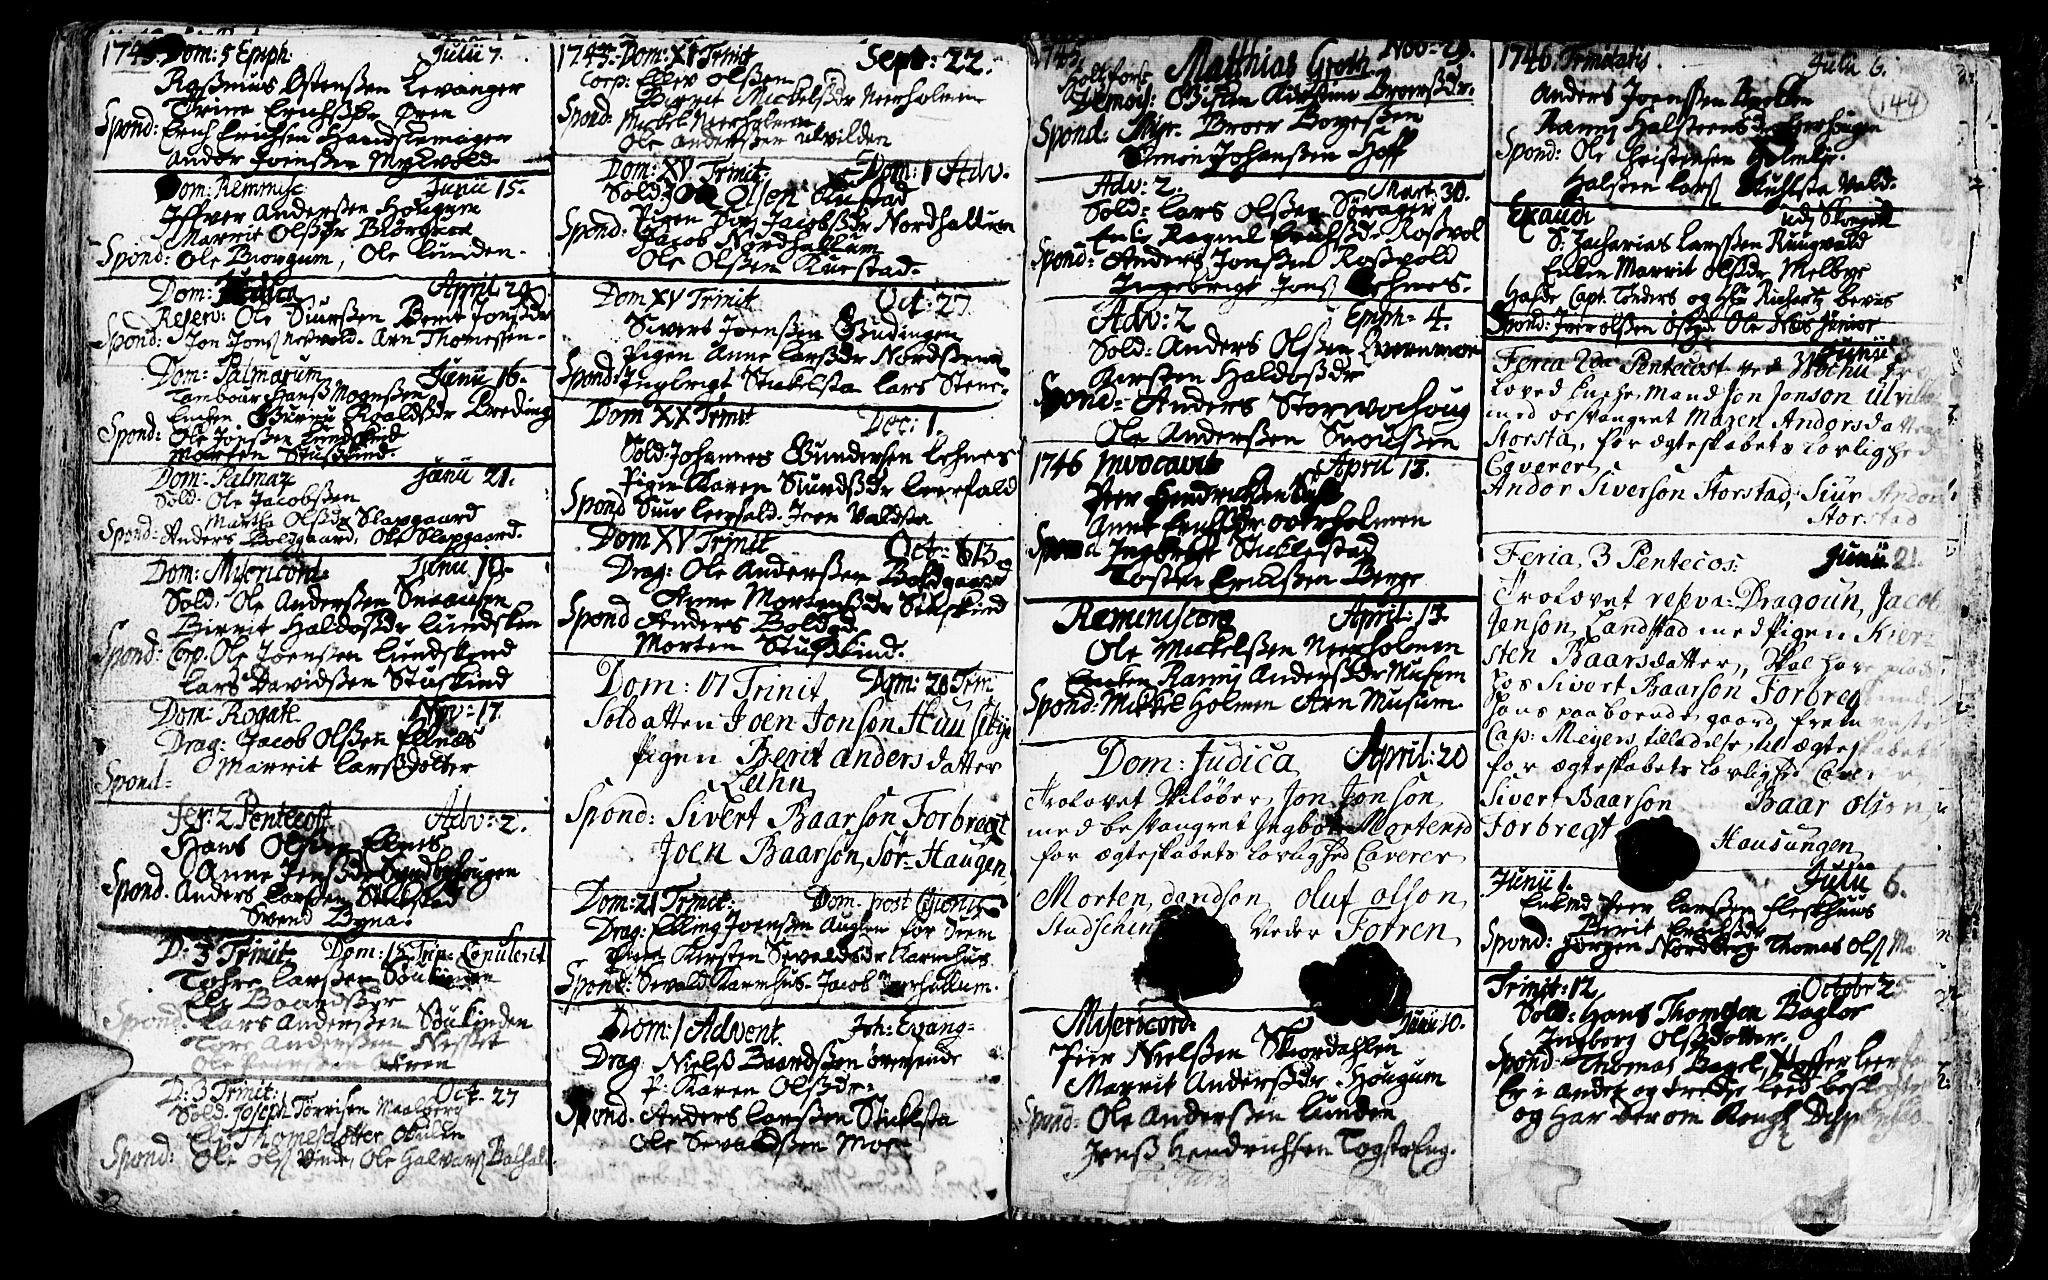 SAT, Ministerialprotokoller, klokkerbøker og fødselsregistre - Nord-Trøndelag, 723/L0230: Ministerialbok nr. 723A01, 1705-1747, s. 144